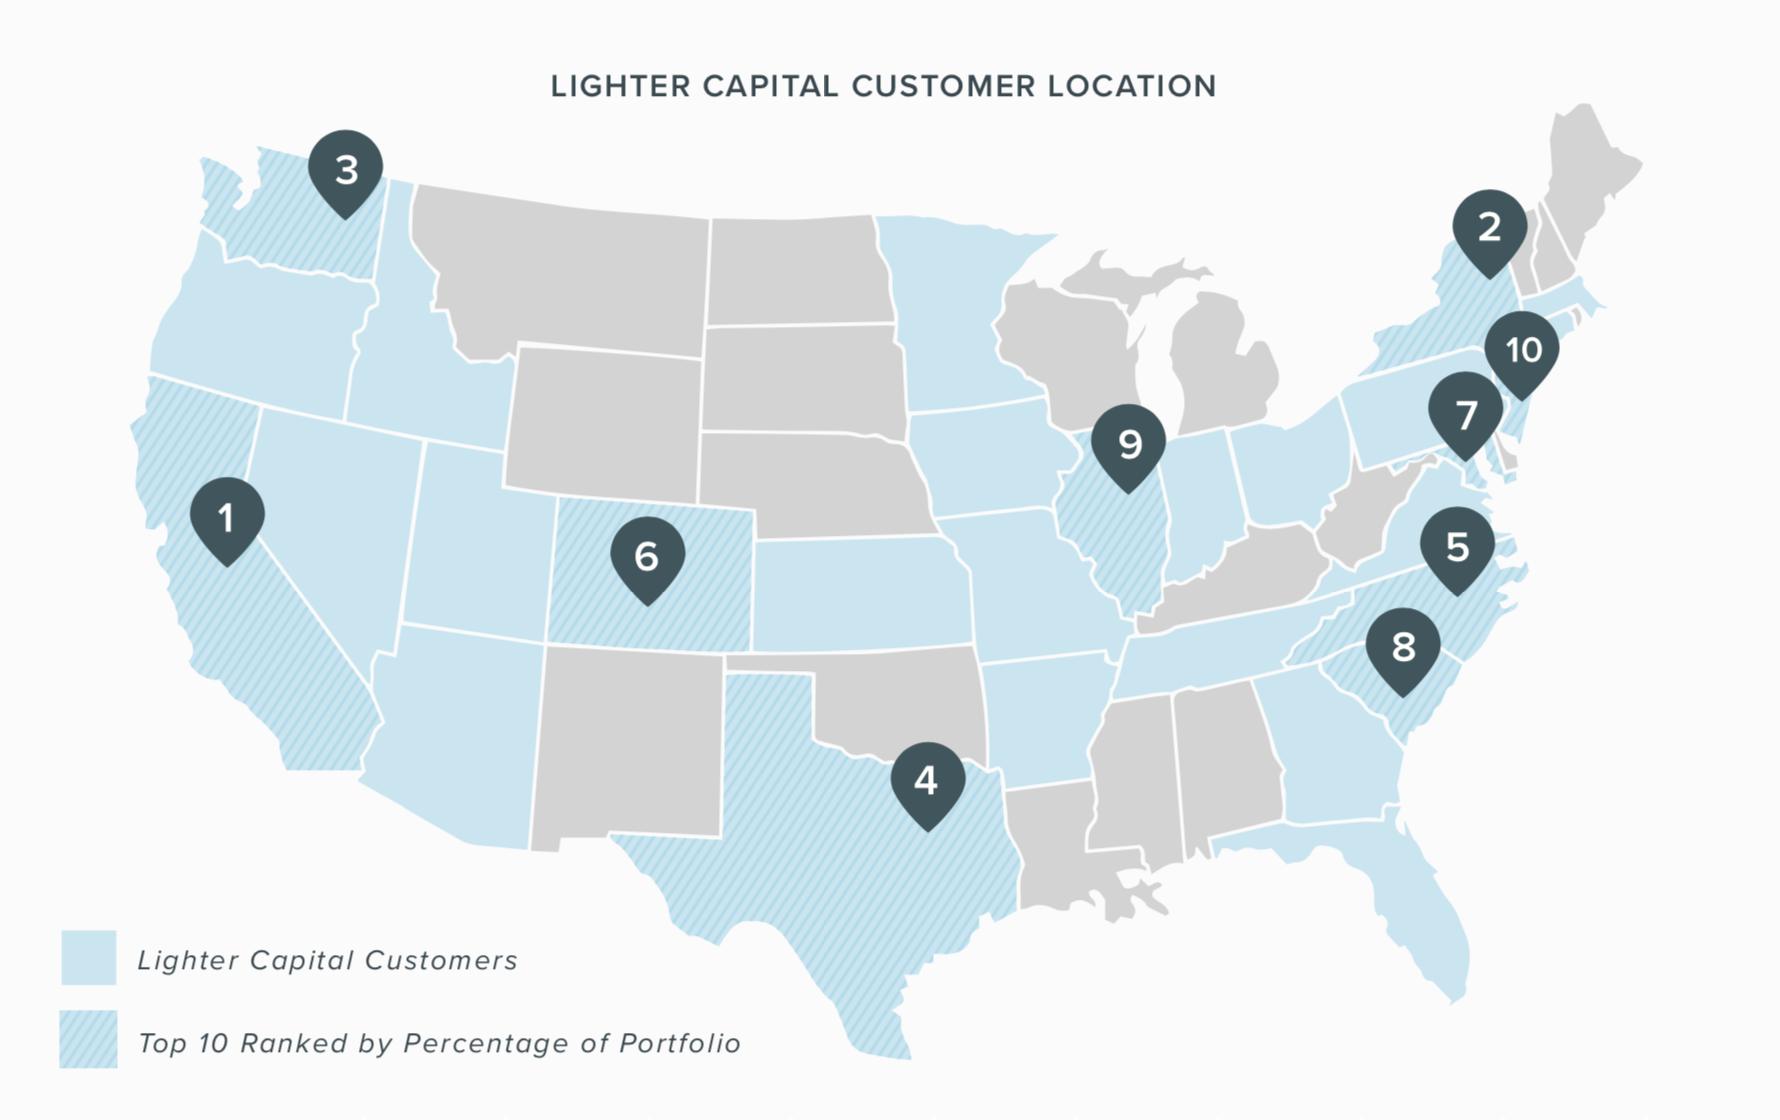 Lighter Capital Customer Locations